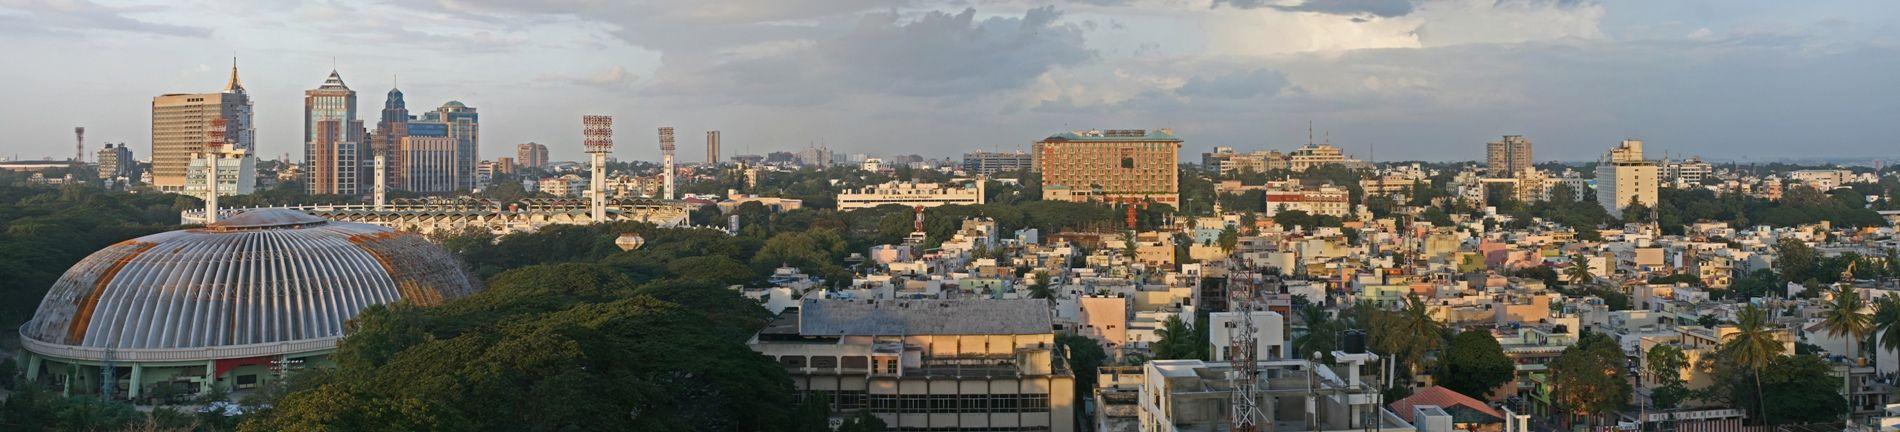 Stock Brokers in Bangalore